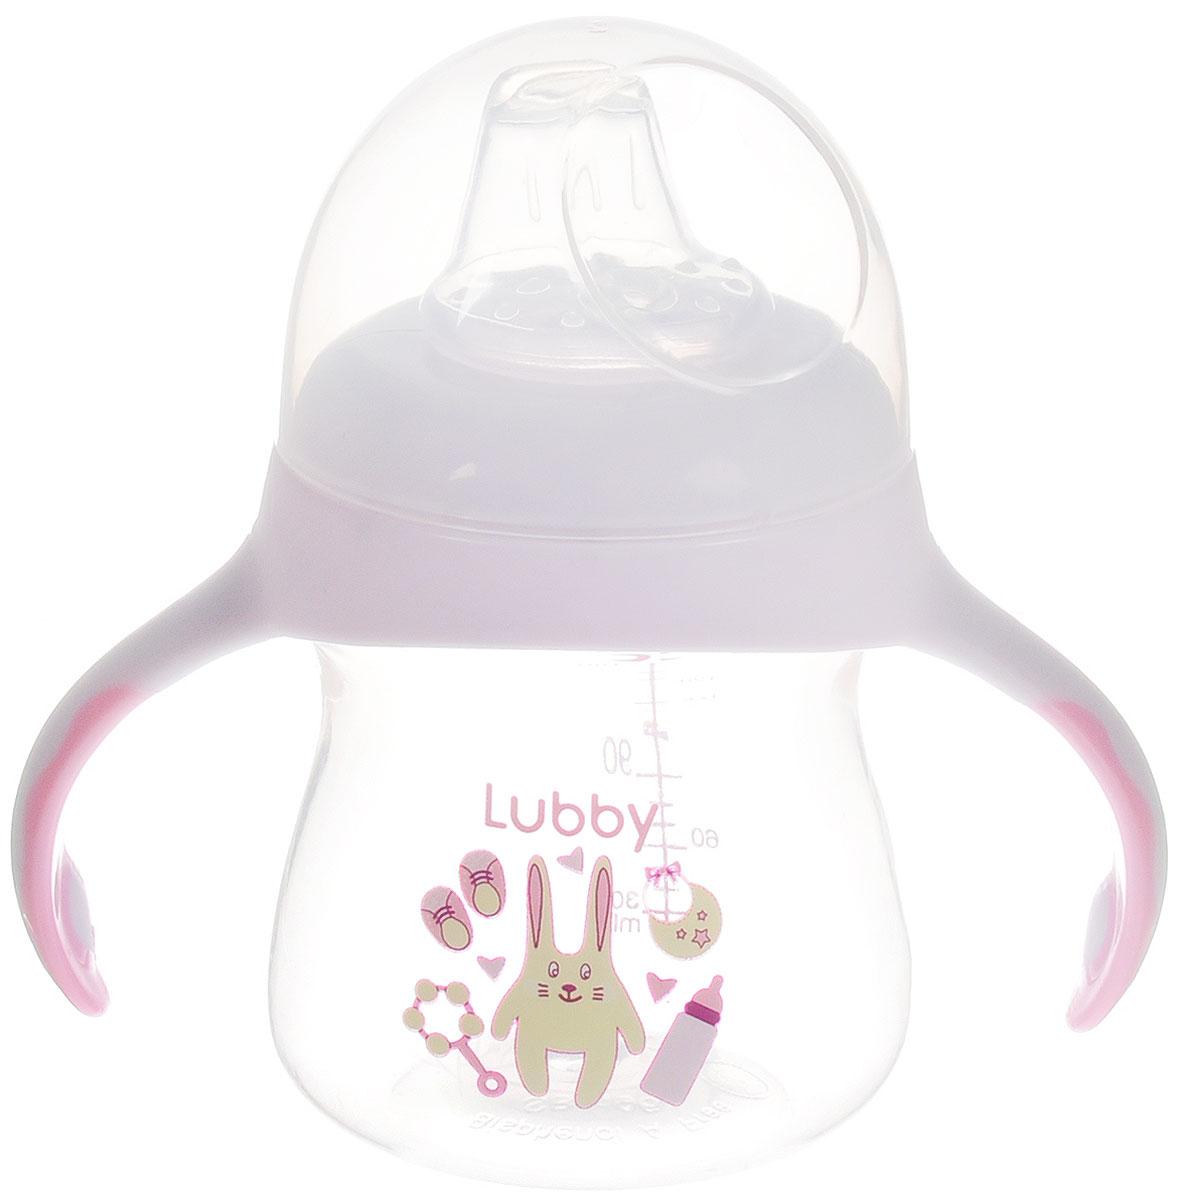 Lubby Поильник-непроливайка со сменным носиком Малыши и Малышки от 4 месяцев цвет светло-сиреневый розовый 150 мл